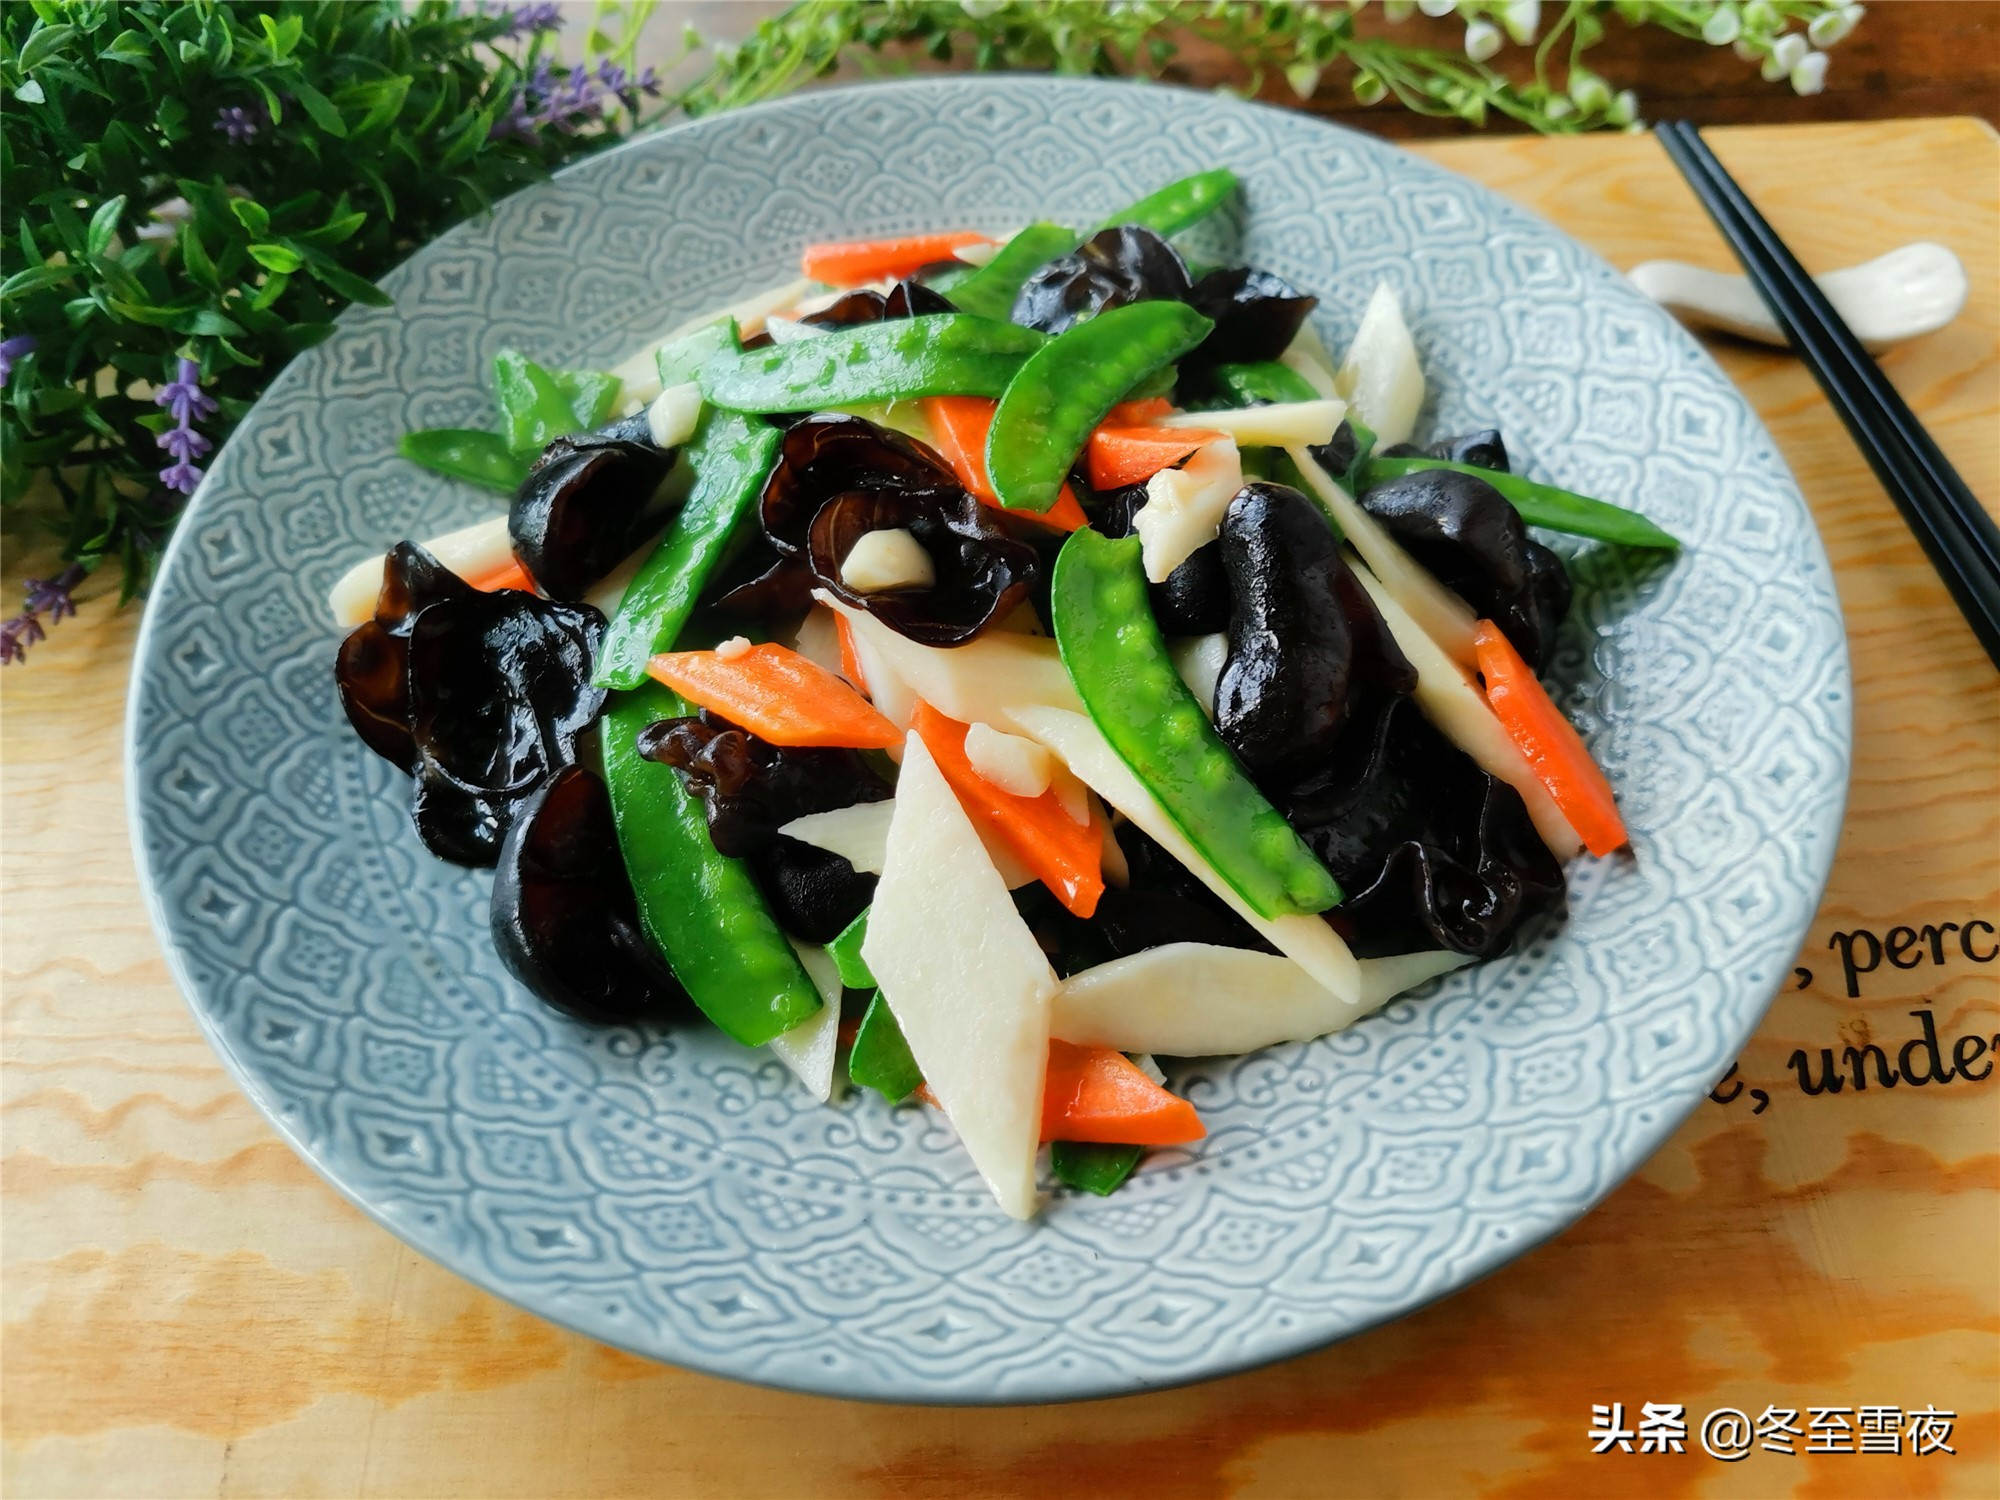 劳动节家宴,做菜不用愁,分享10道家常炒菜,有荤有素下酒又下饭 美食做法 第5张